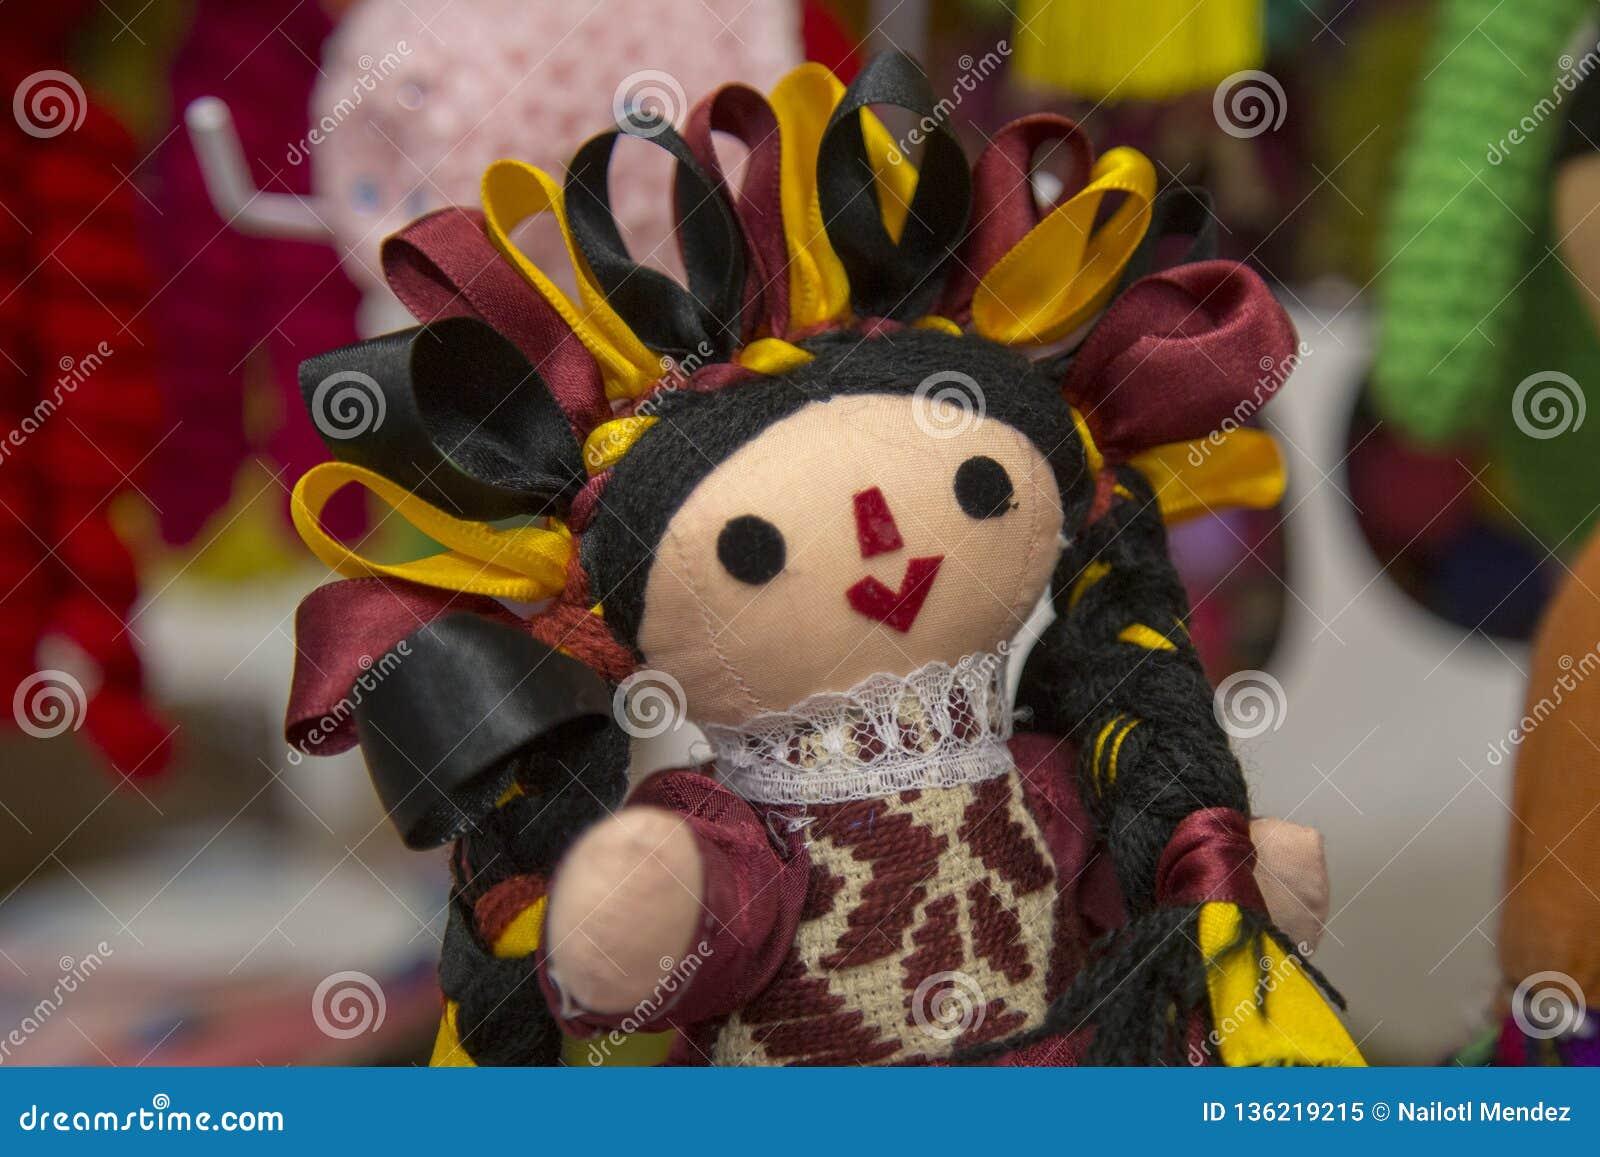 传统墨西哥人玛丽亚布洋娃娃、男性和女性生存出售在街市克雷塔罗